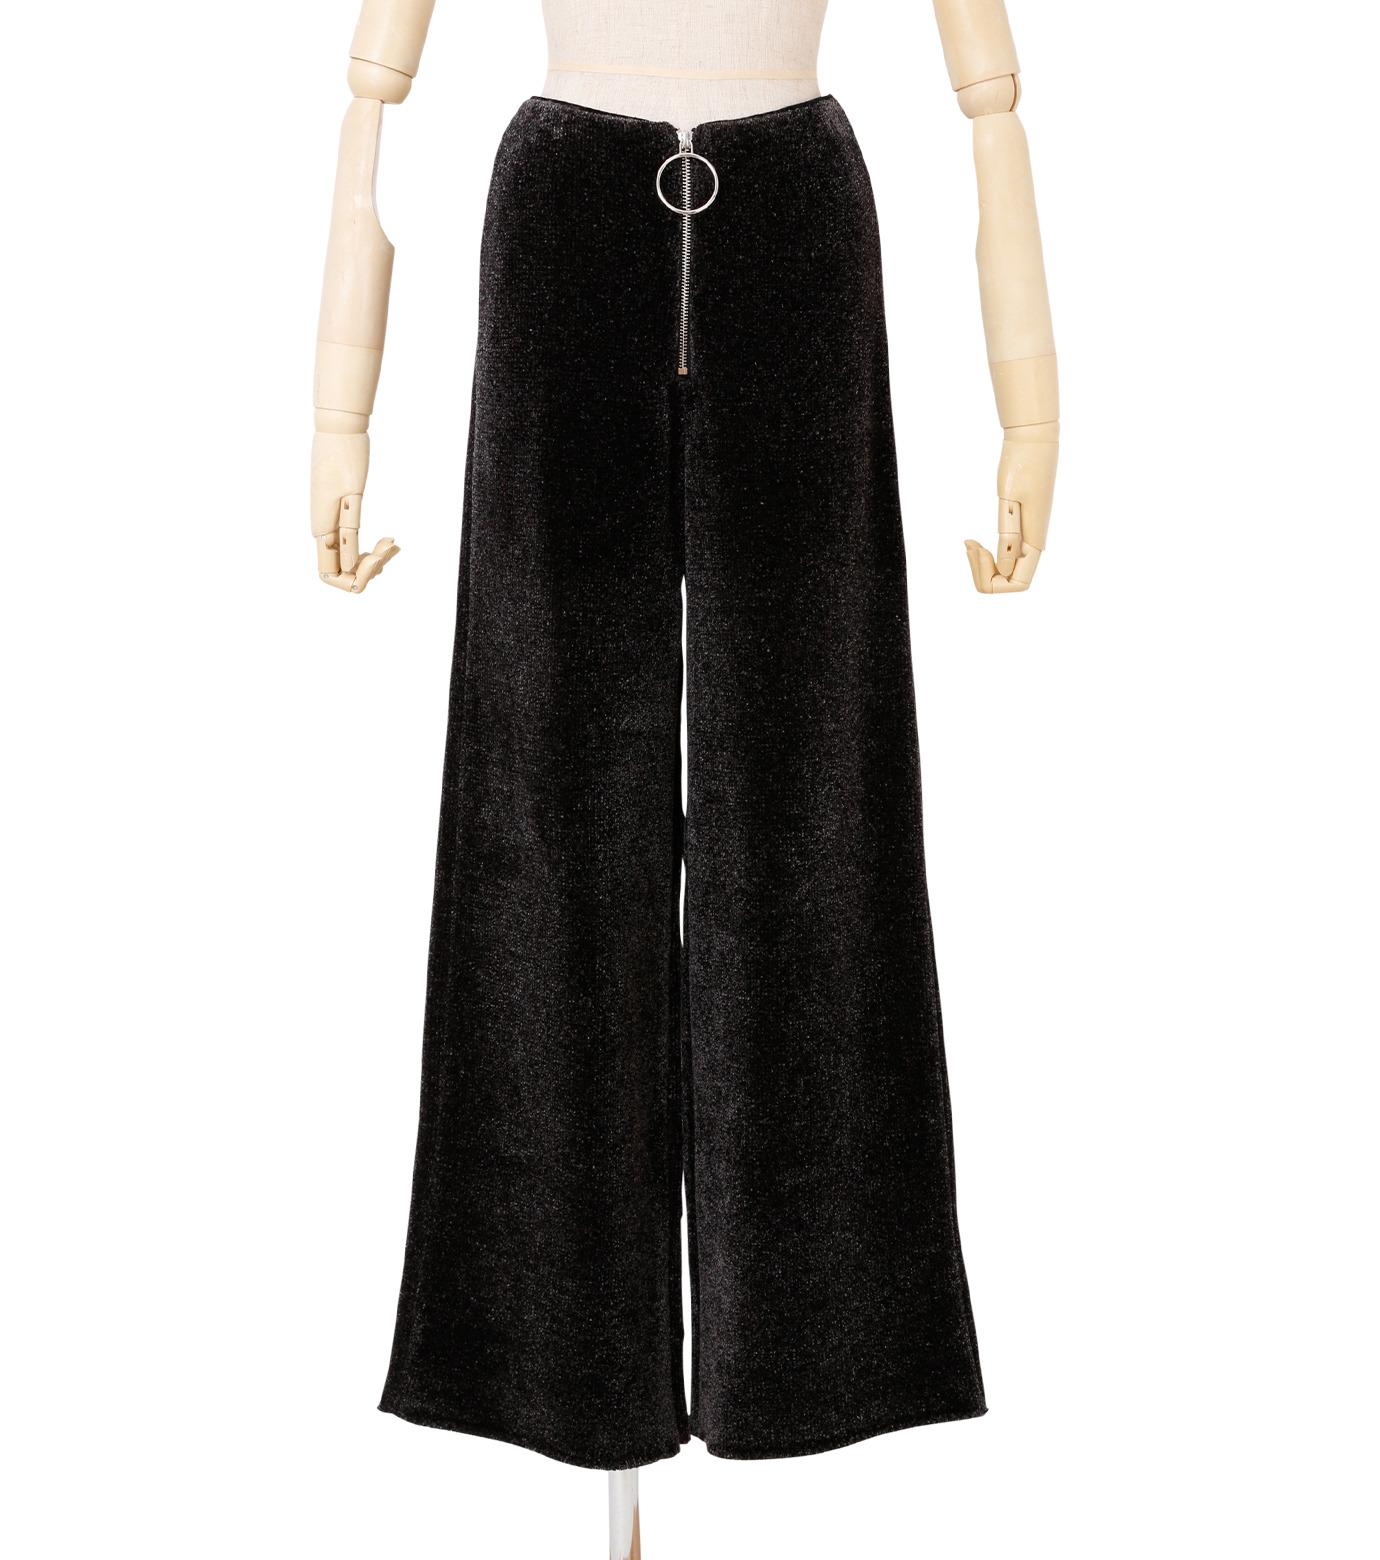 IRENE(アイレネ)のシルクワイドパンツ-CHARCHOL GRAY(パンツ/pants)-18A88004 拡大詳細画像1